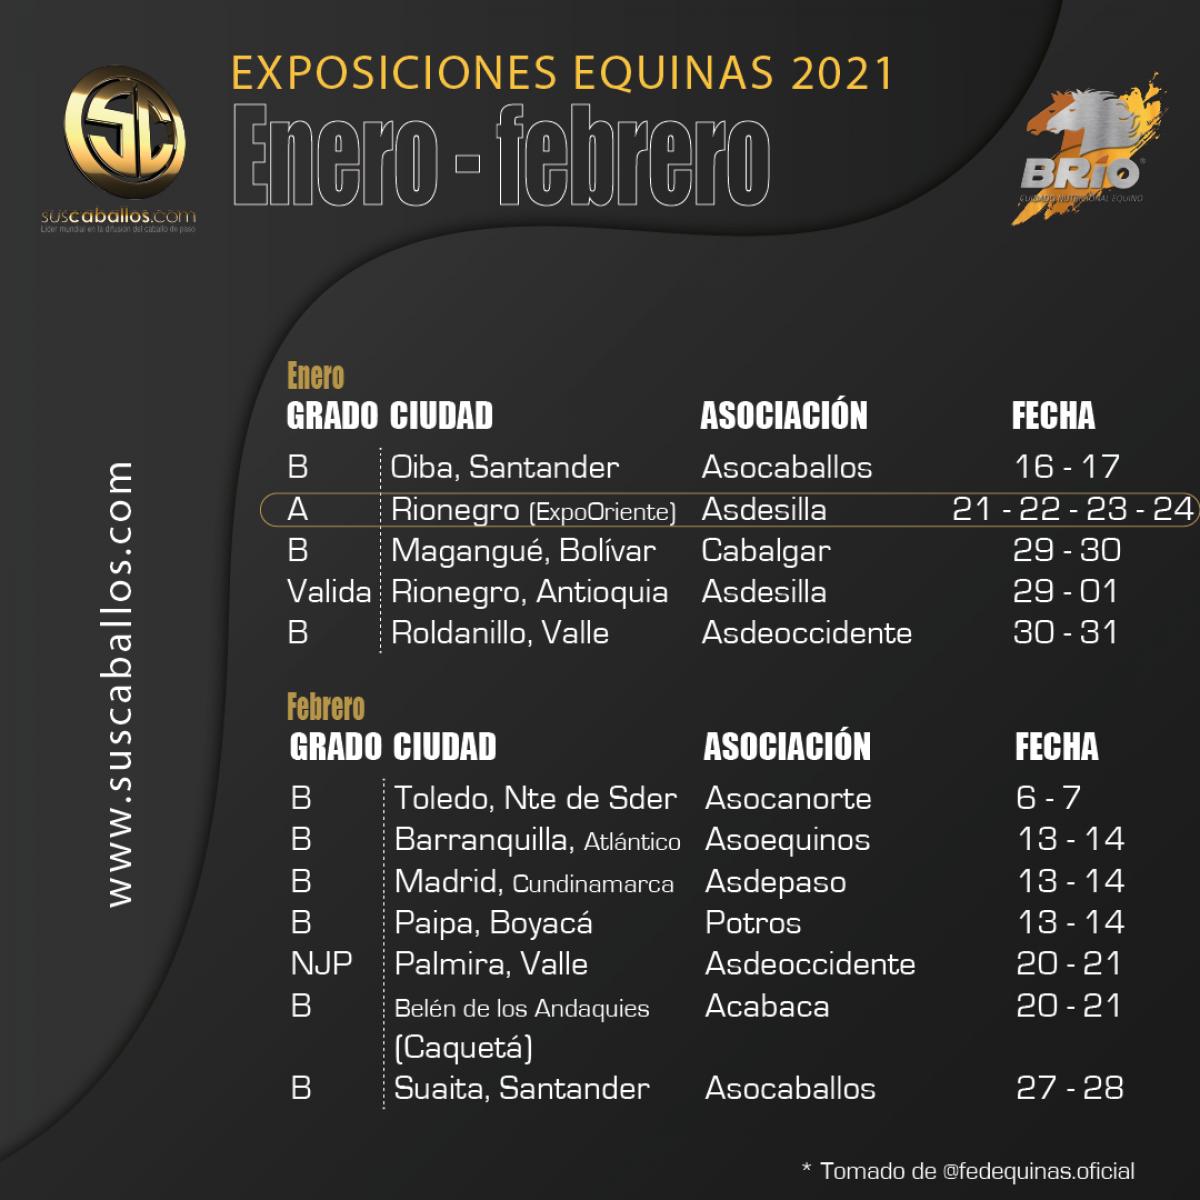 Exposiciones equinas enero y febrero de 2021